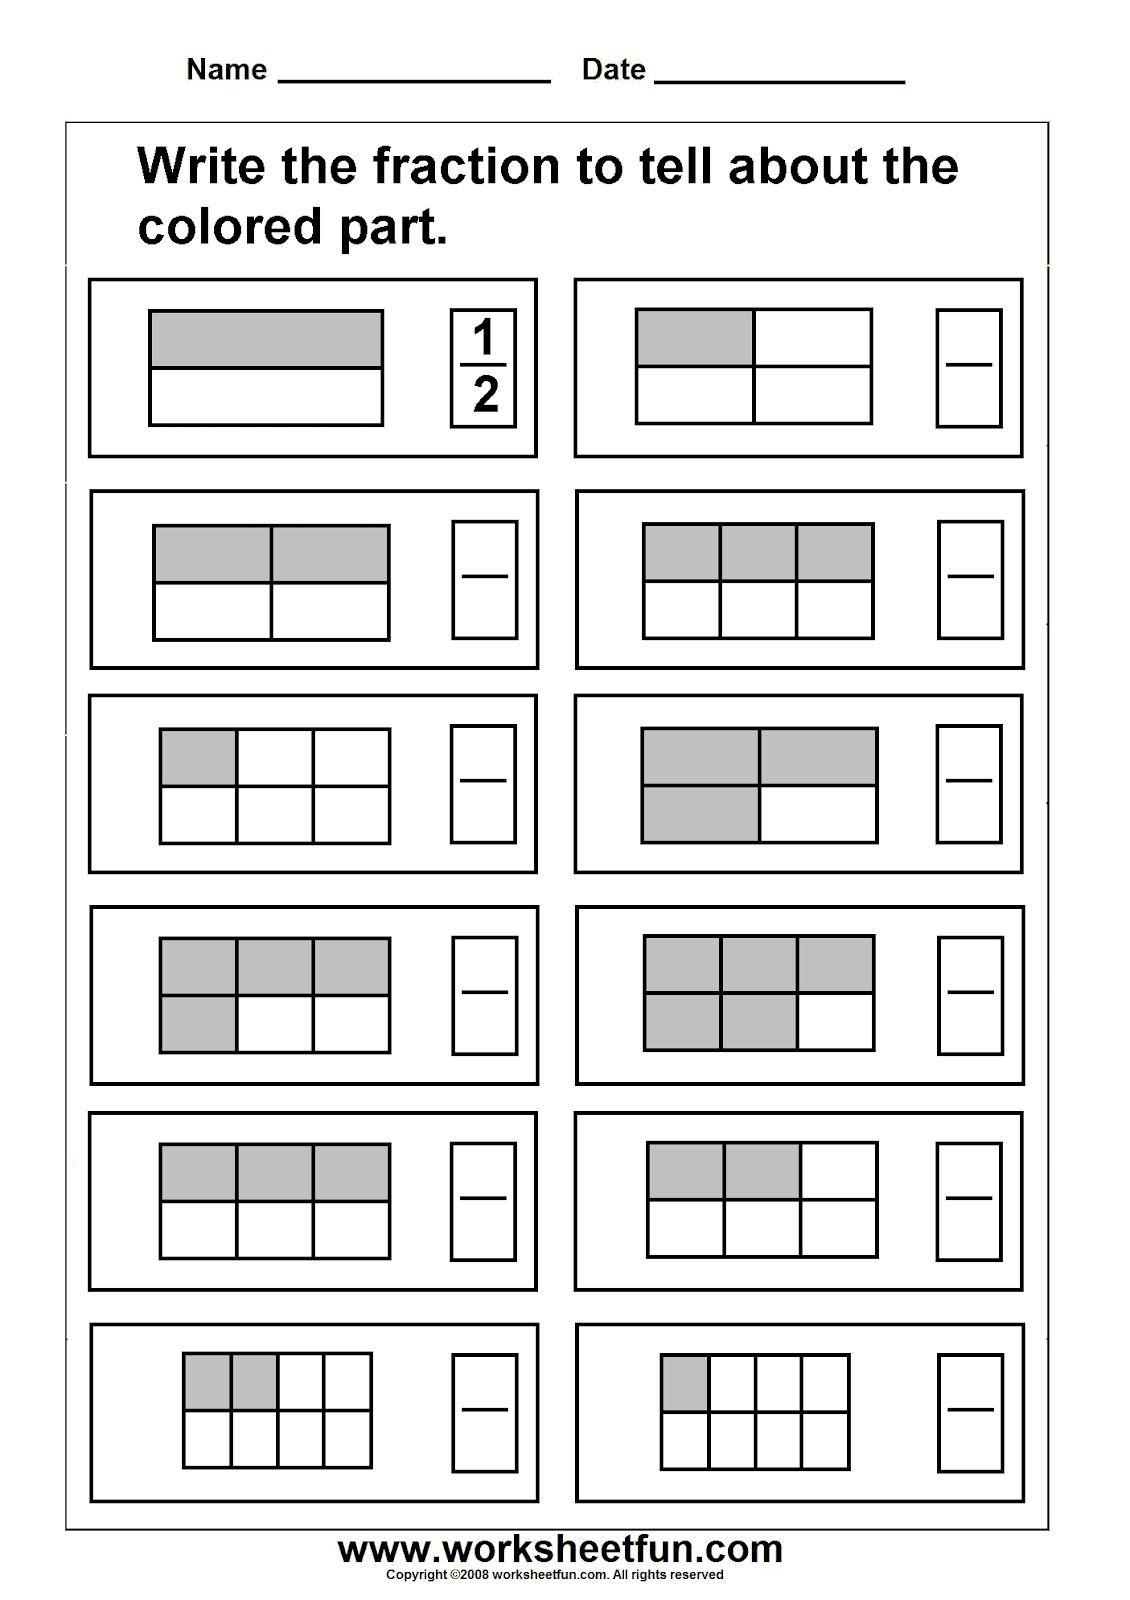 Worksheetfun - FREE PRINTABLE WORKSHEETS   Fractions worksheets [ 1600 x 1130 Pixel ]